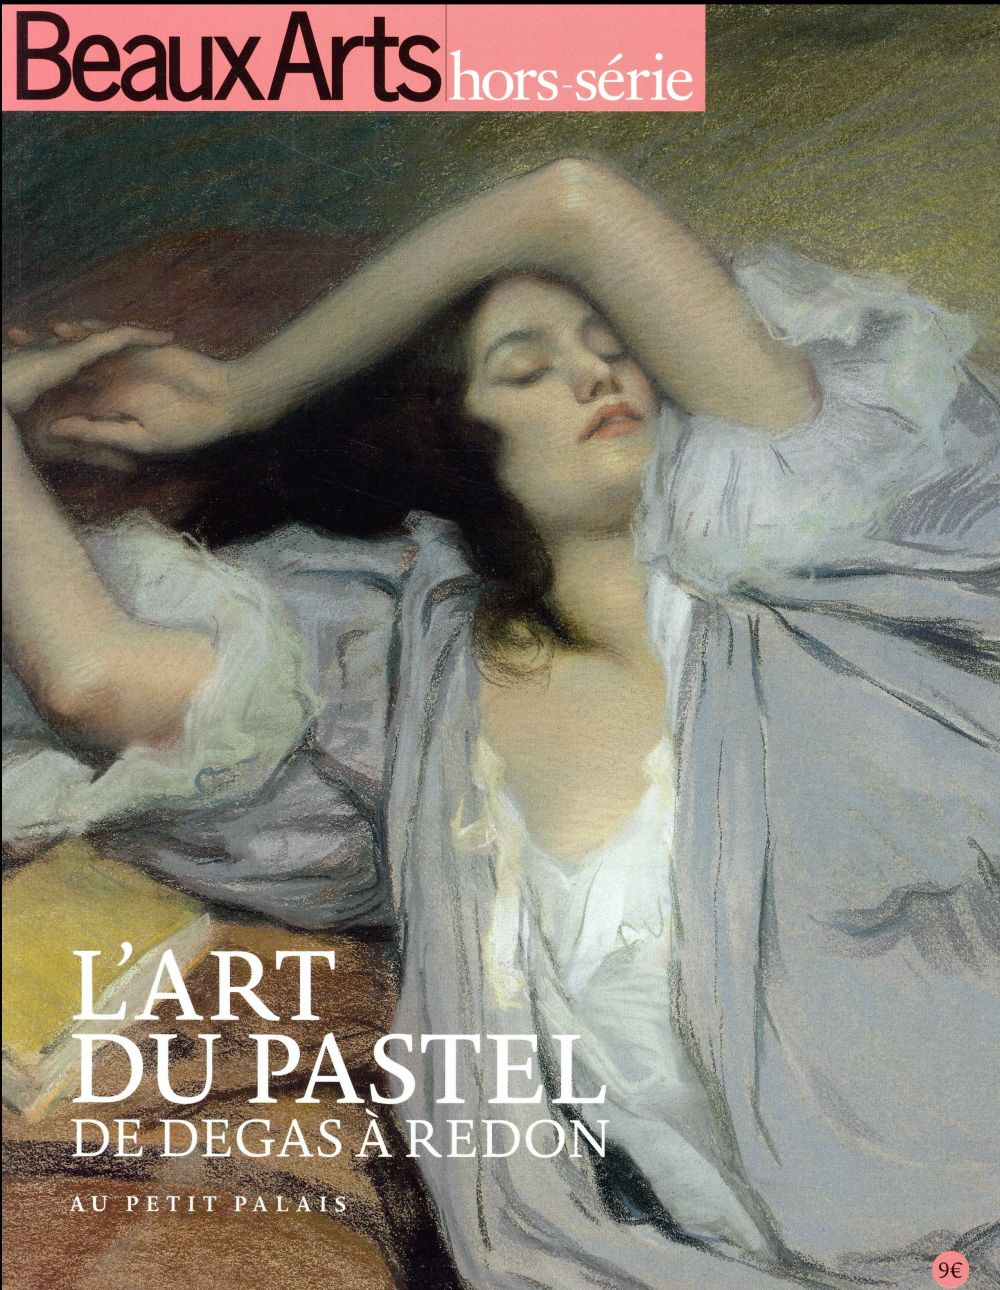 L'ART DU PASTEL, DE DEGAS A REDON